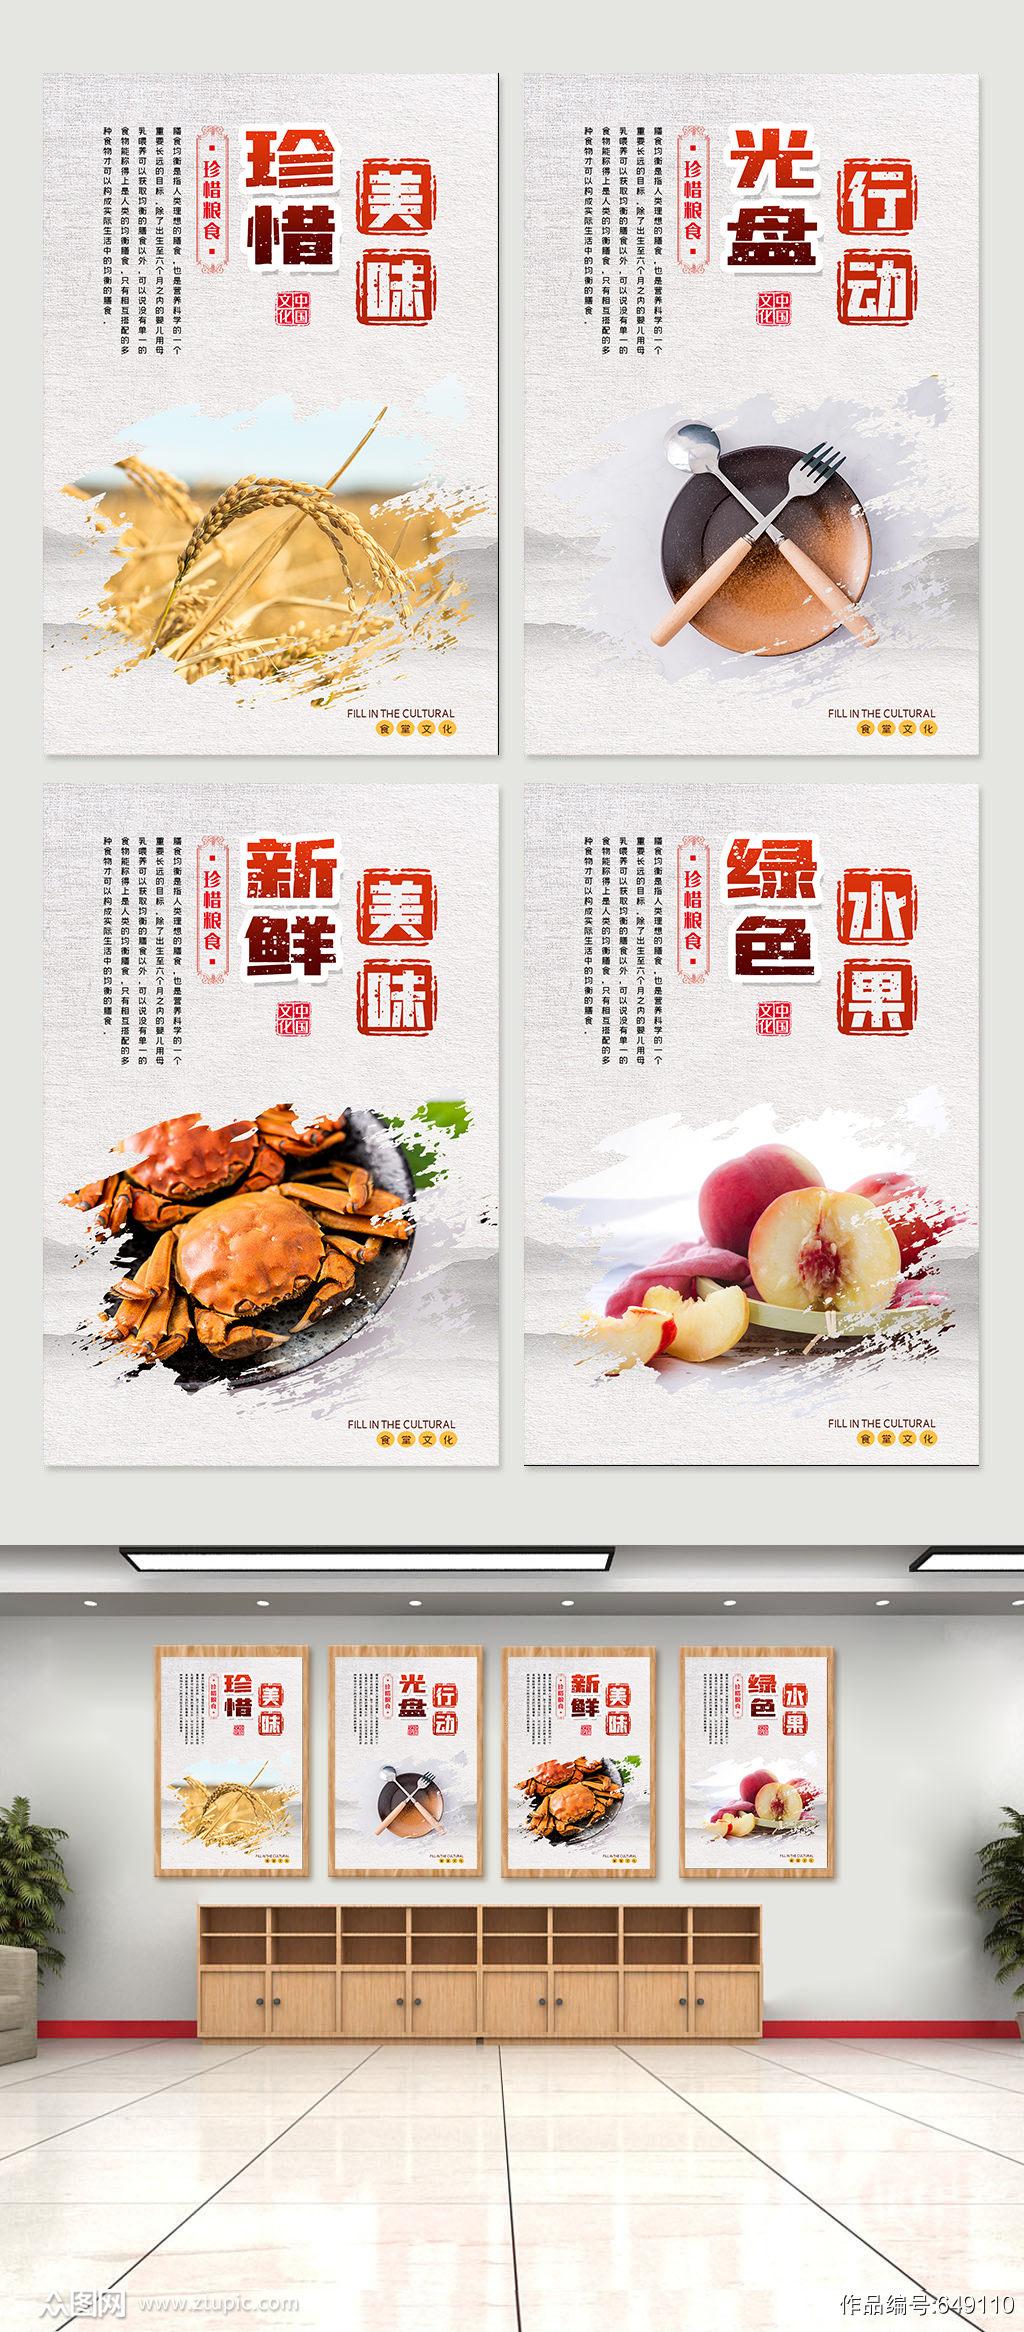 创意厉行节约反对浪费内容挂画展板 珍惜粮食挂画素材